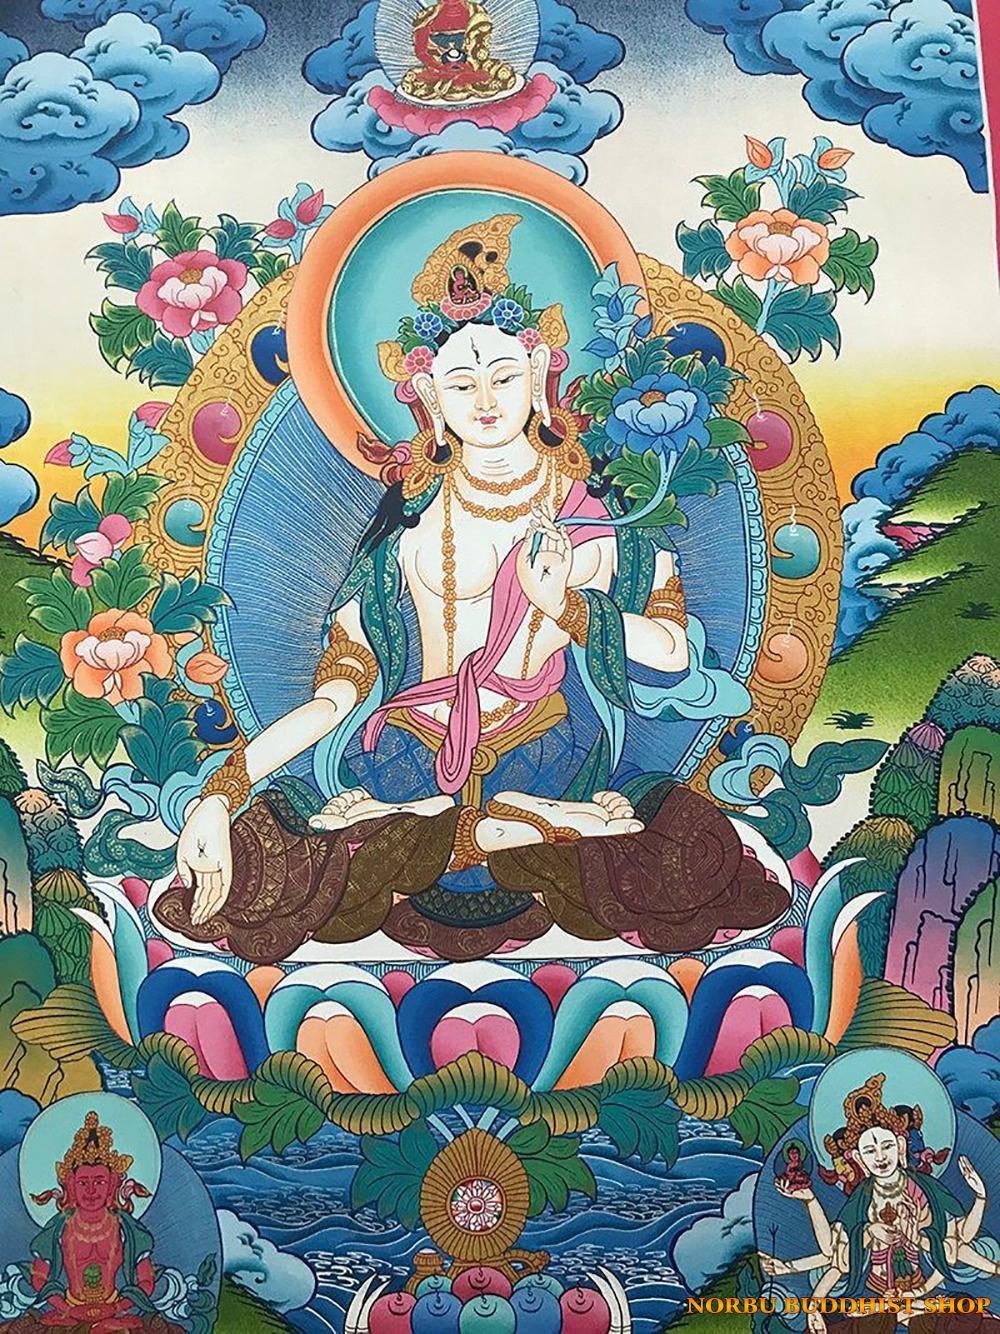 Ý nghĩa tôn giáo trong tranh Thangka Tây Tạng - Tangka Tibet có gì đặc sắc? 8